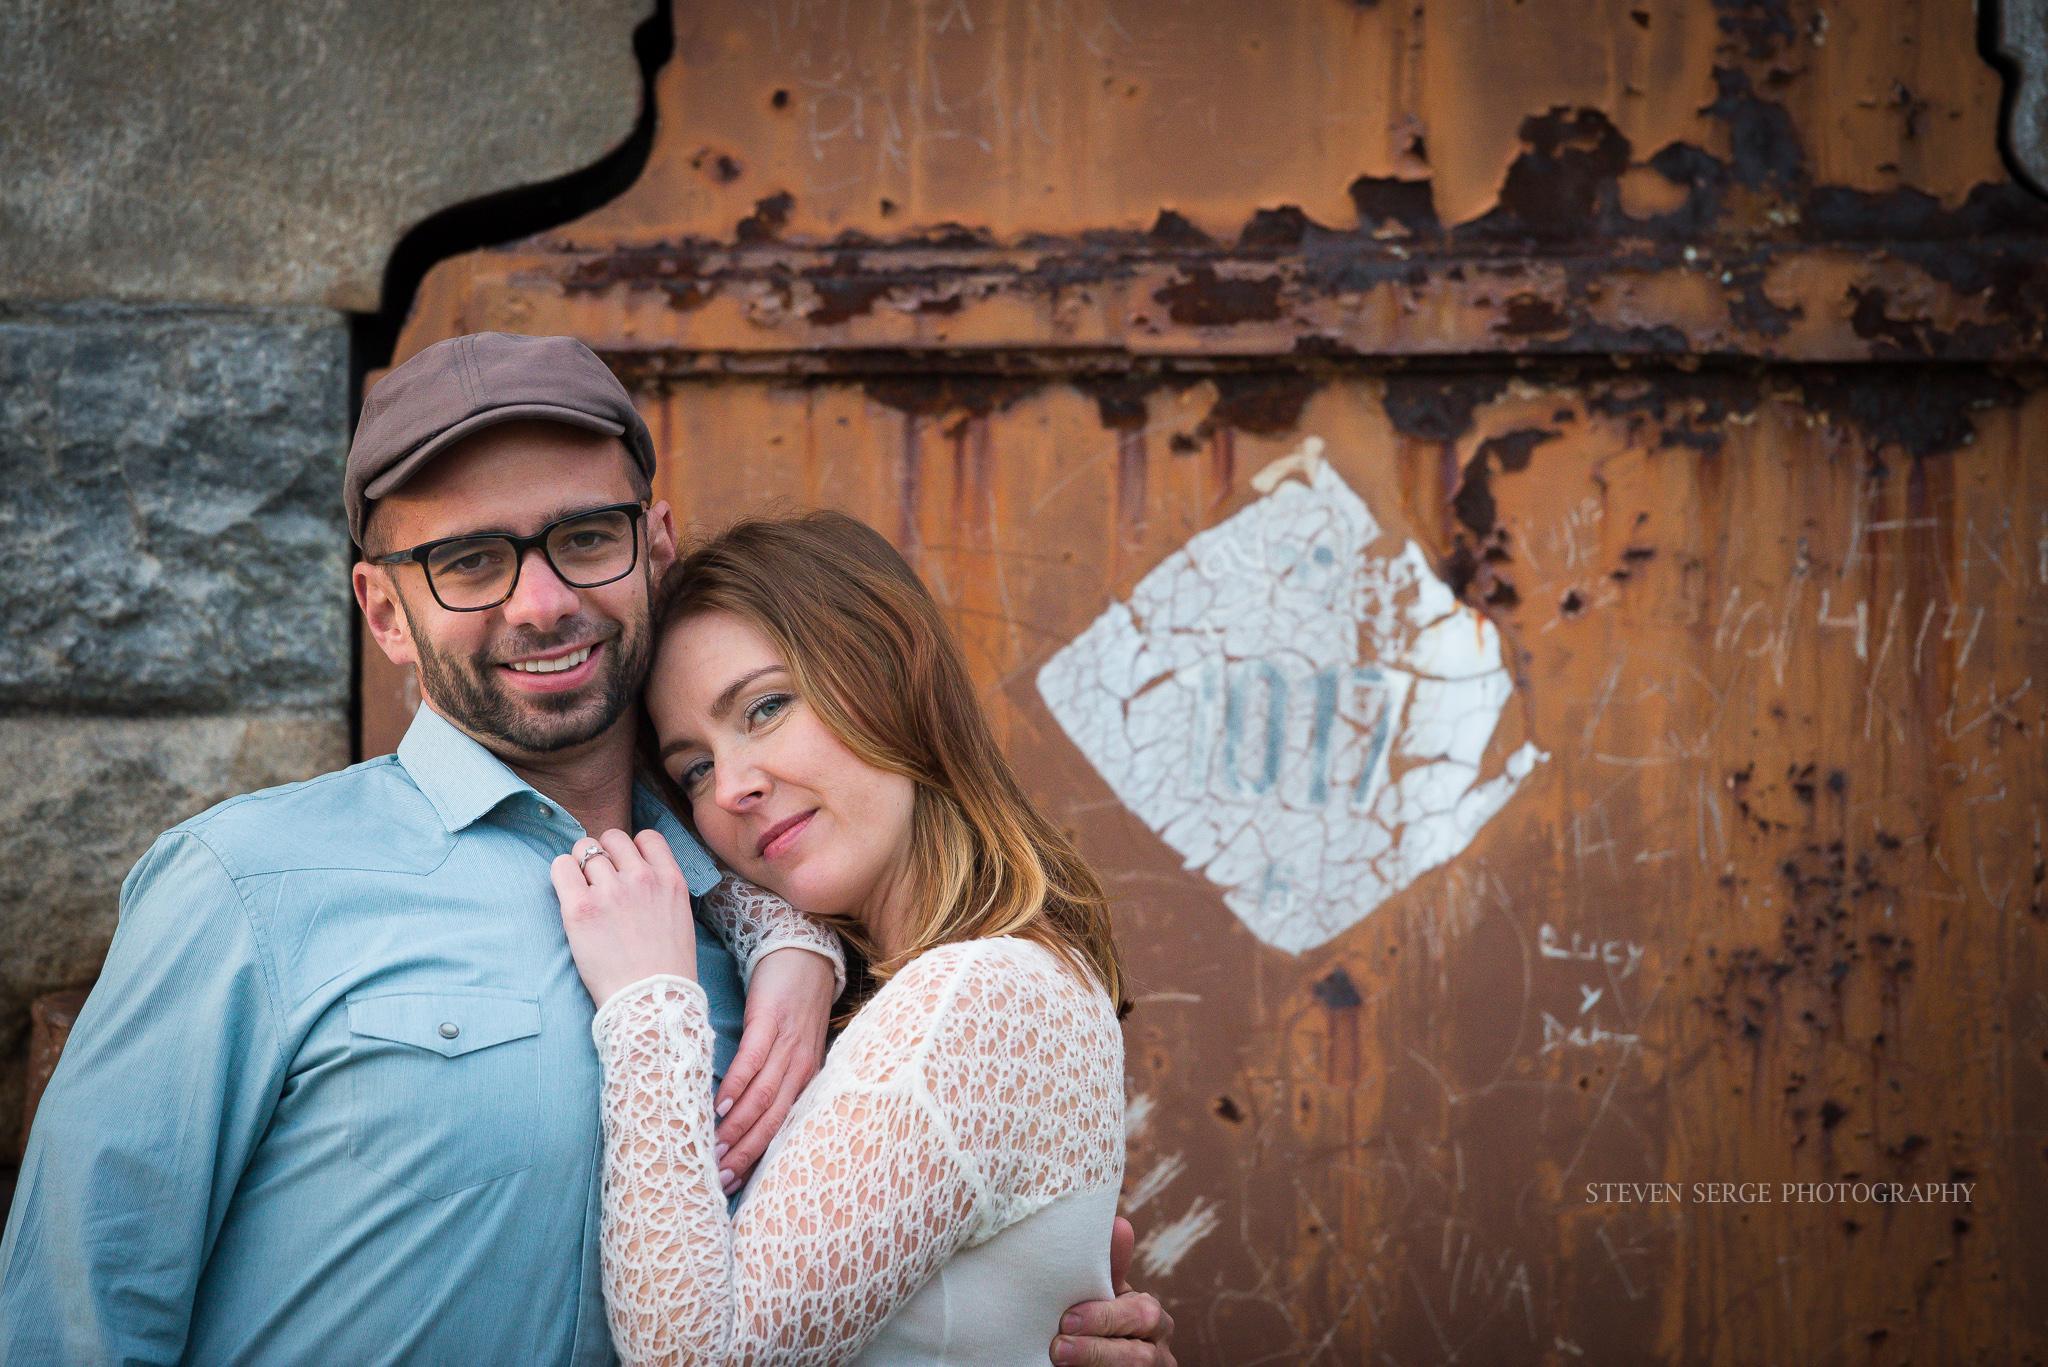 Aleine-Scranton-Engagement-Wedding-Nepa-Photographer-Steamtown-Photography-1.jpg